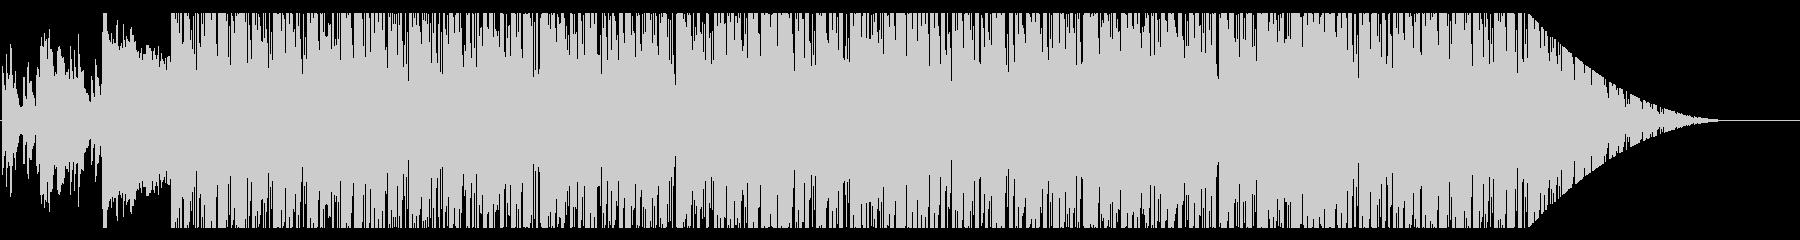 トロピカルな雰囲気の軽快なポップスの未再生の波形